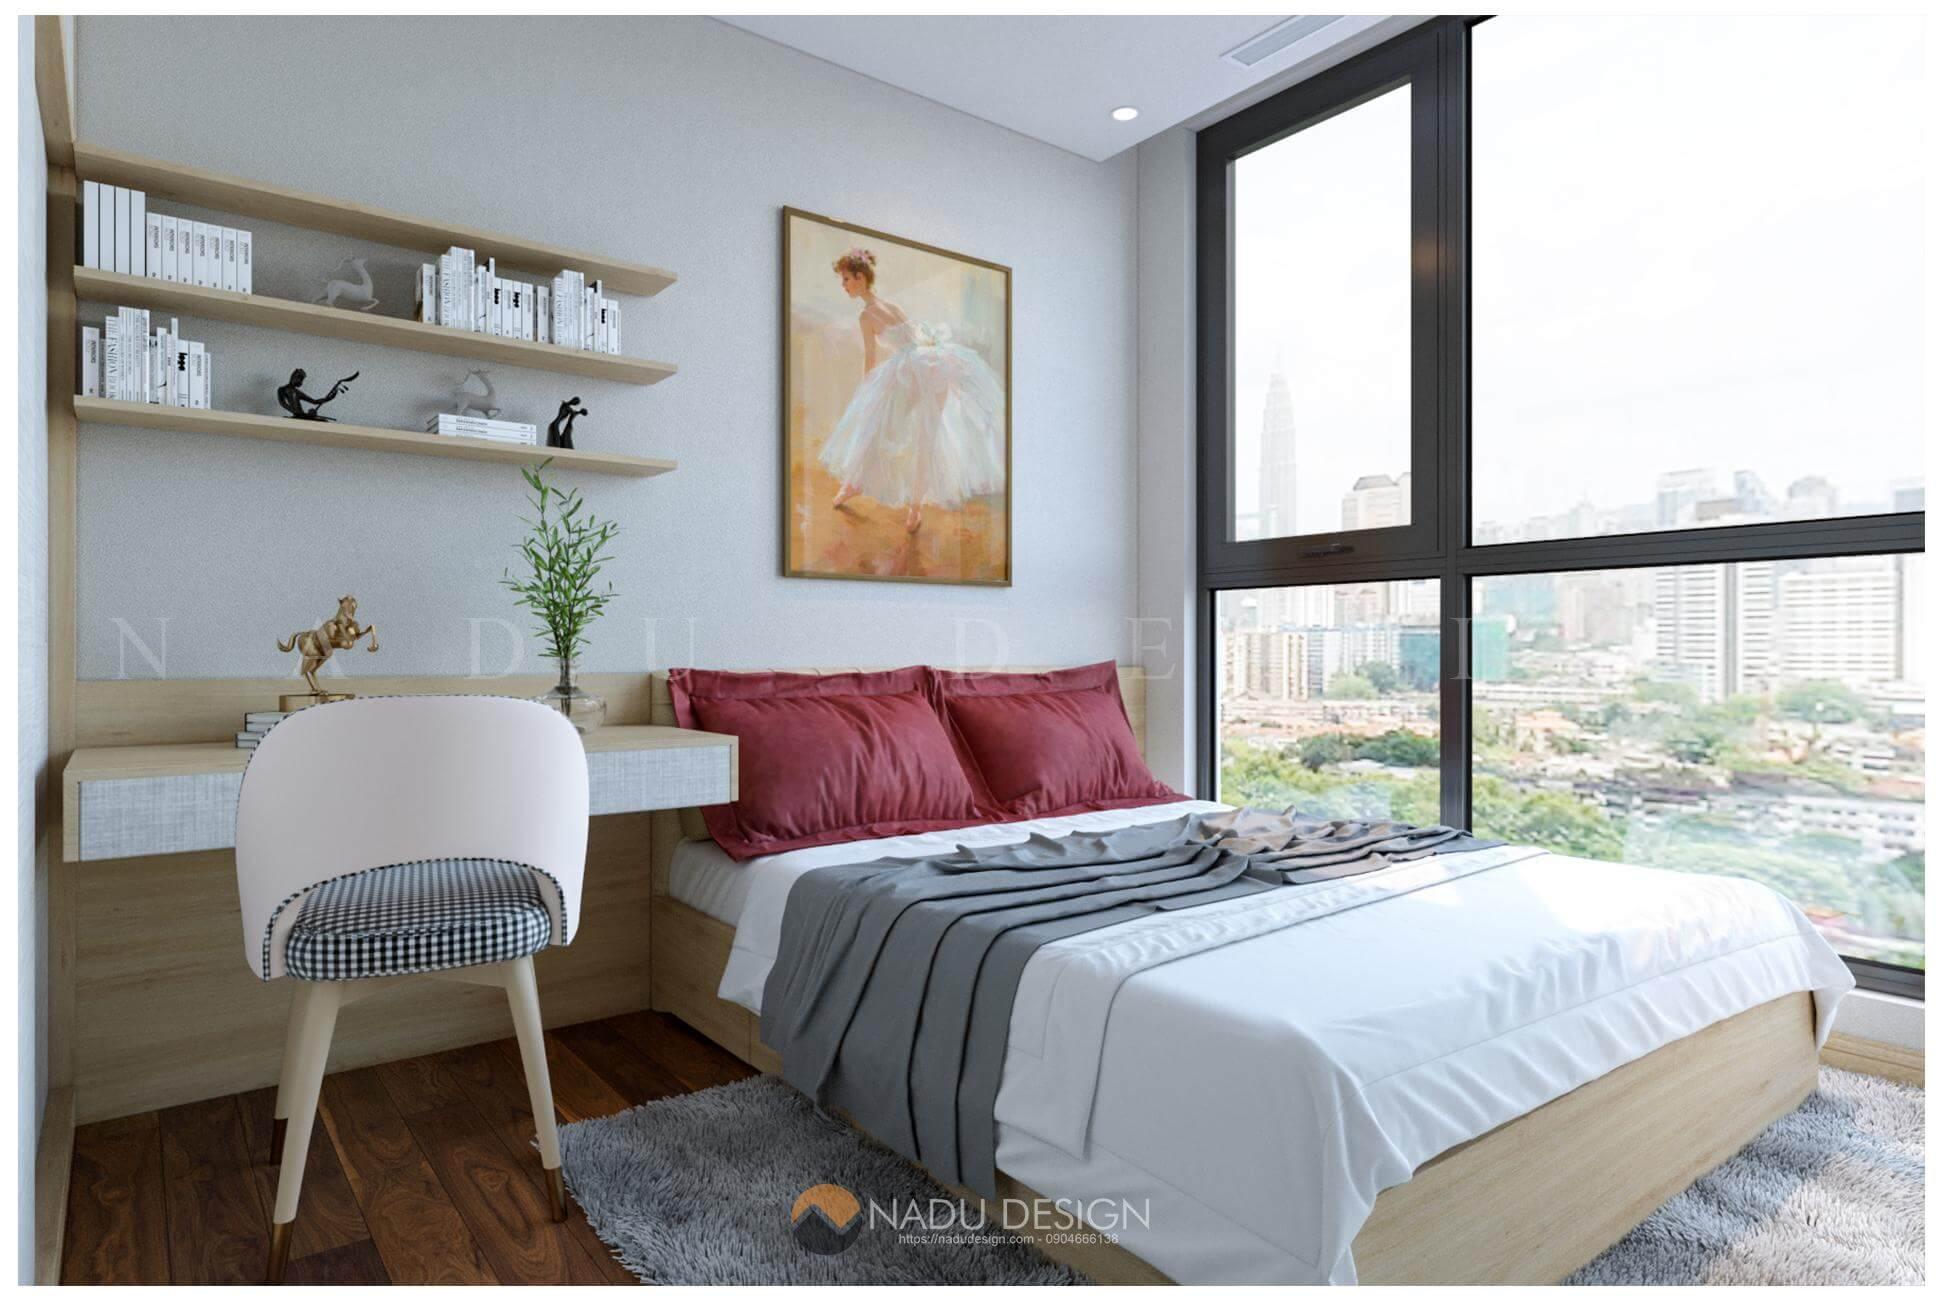 thiết kế nội thất căn hộ Vinhomes West Point nhà chị Huệ phòng ngủ 11